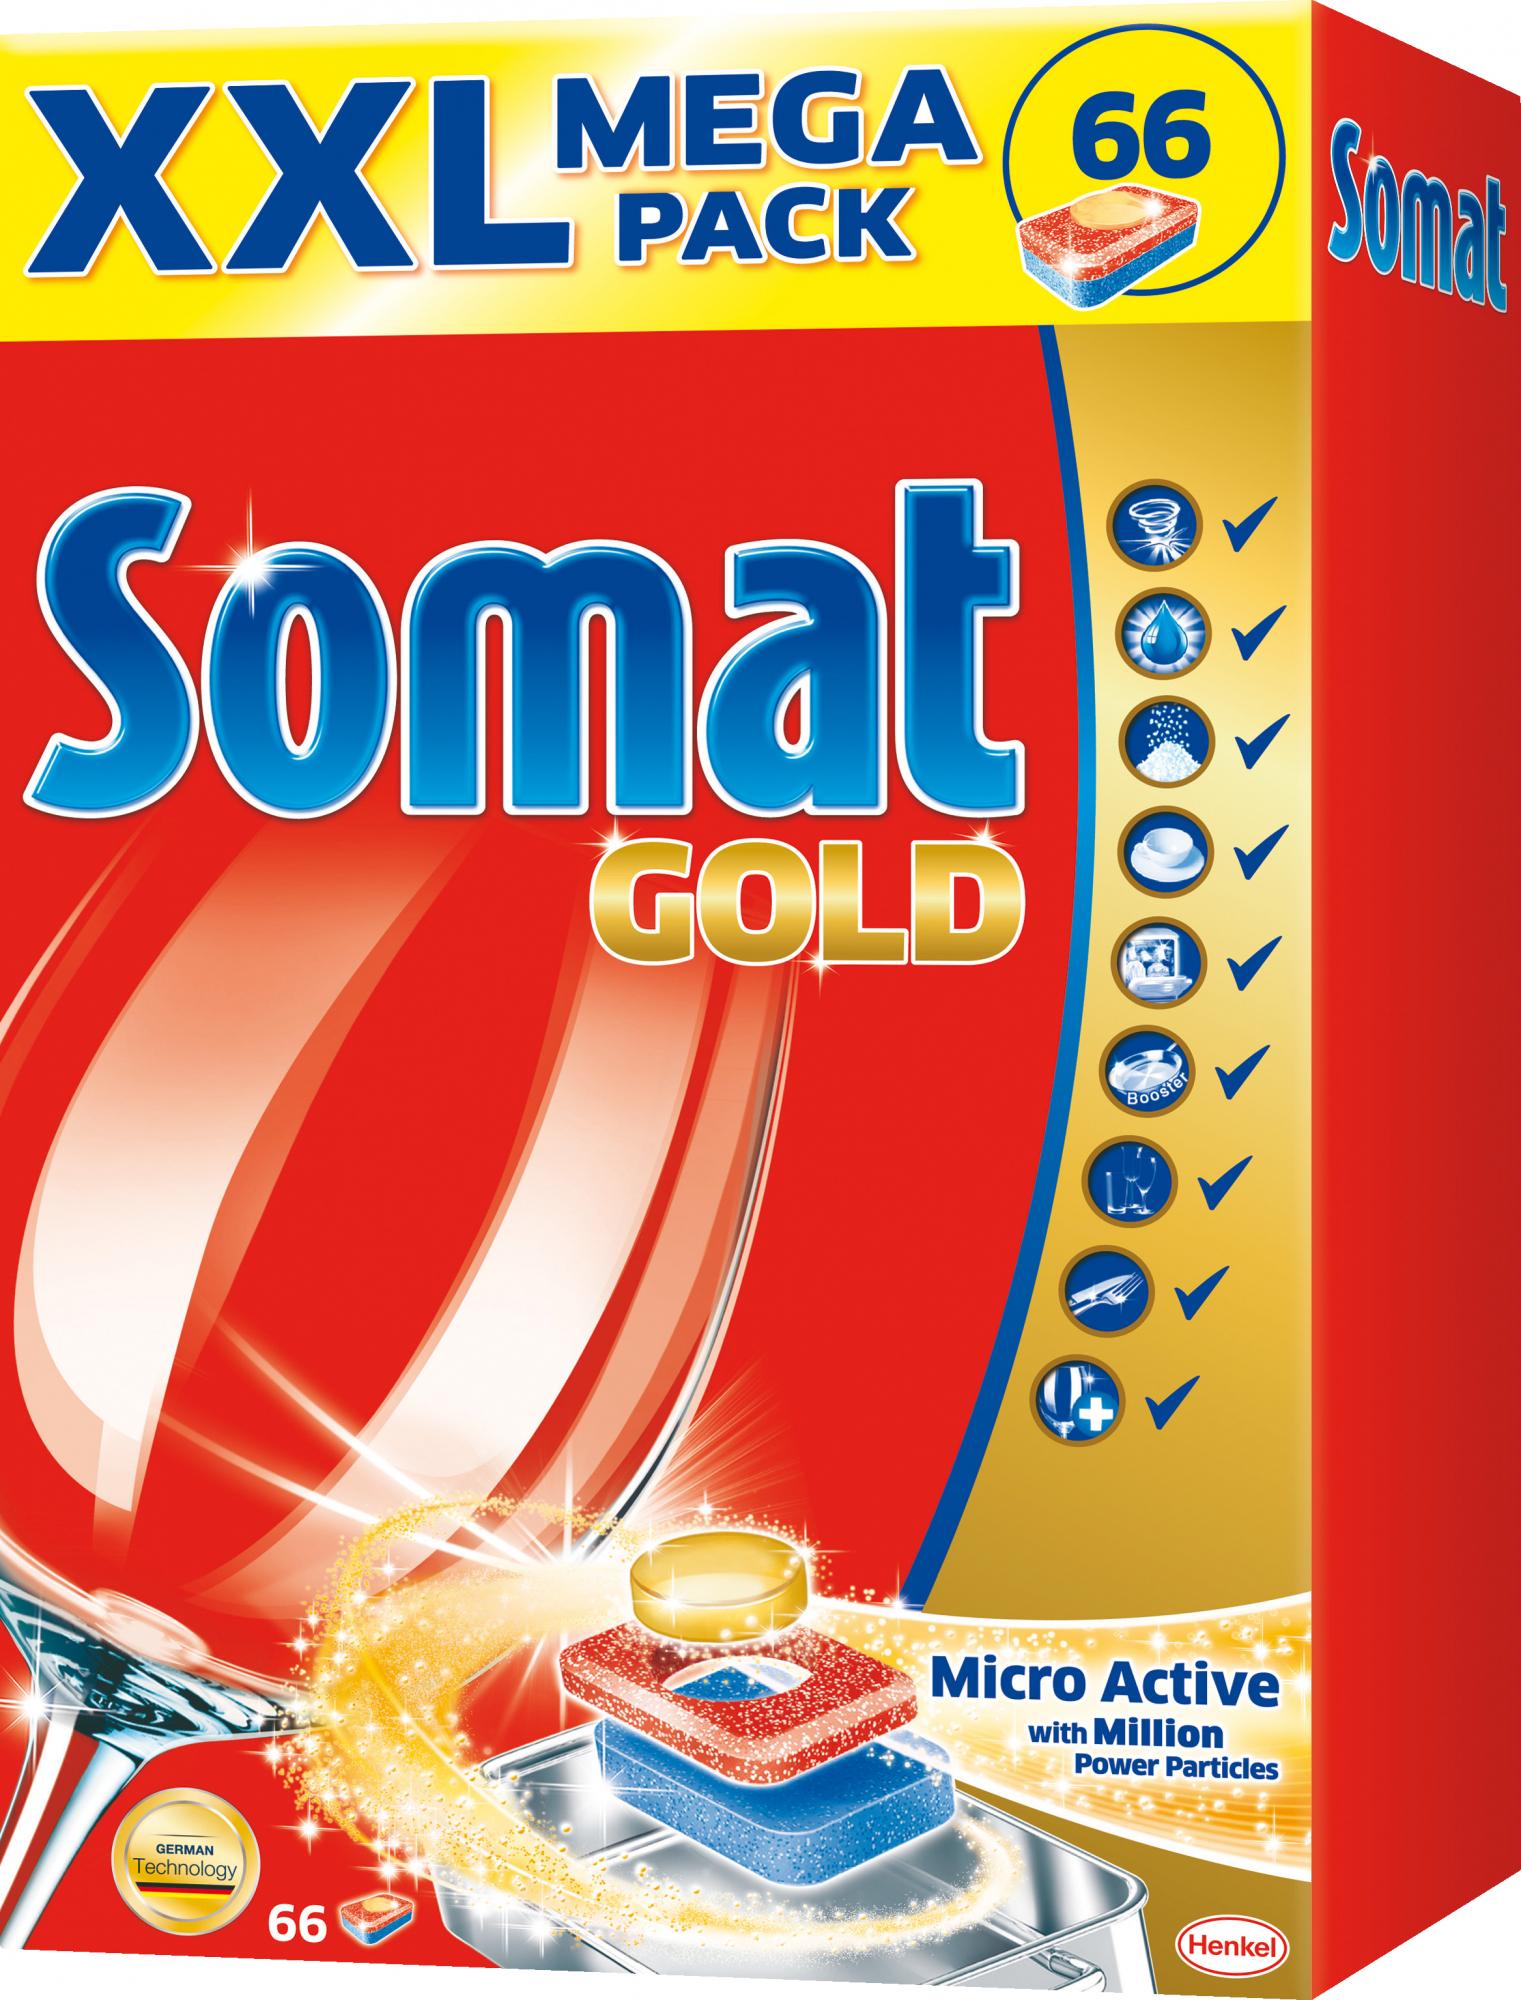 Somat Tabletki do zmywarki Gold XXL Mega Pack 66 szt @ Tesco